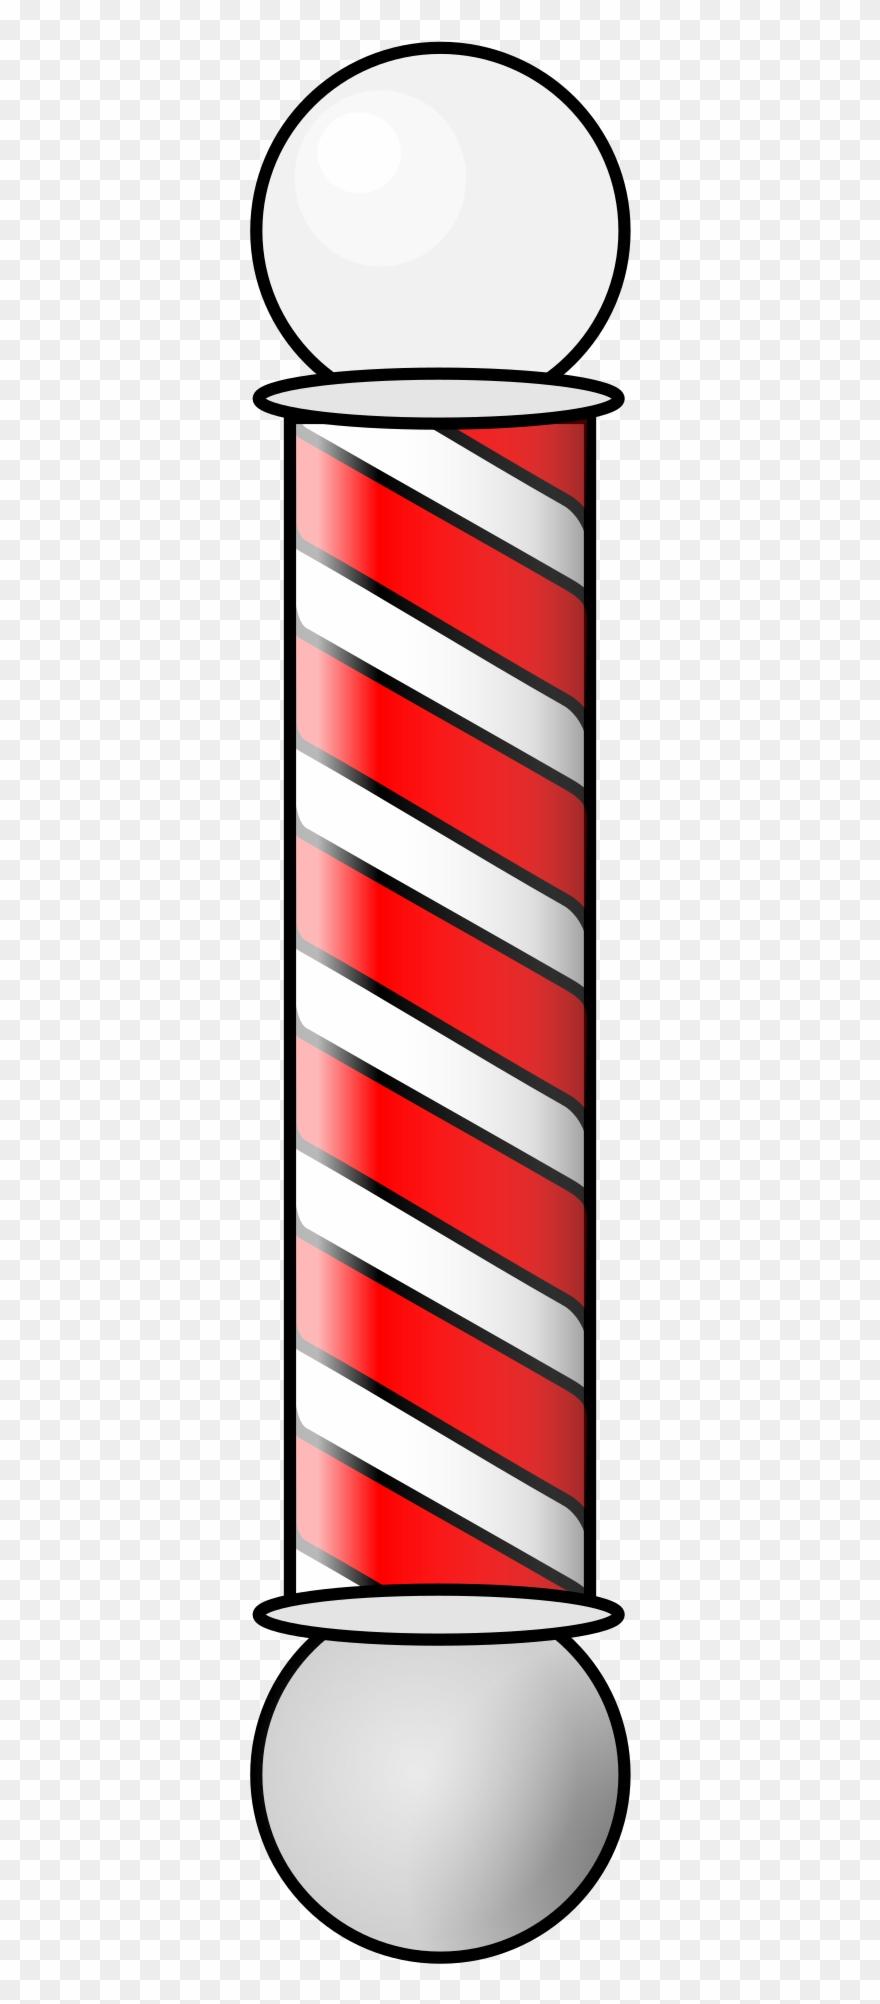 Barbershop clipart svg black and white Freeuse Download Barbershop Smil Animation Big - Barber Shop Pole ... svg black and white